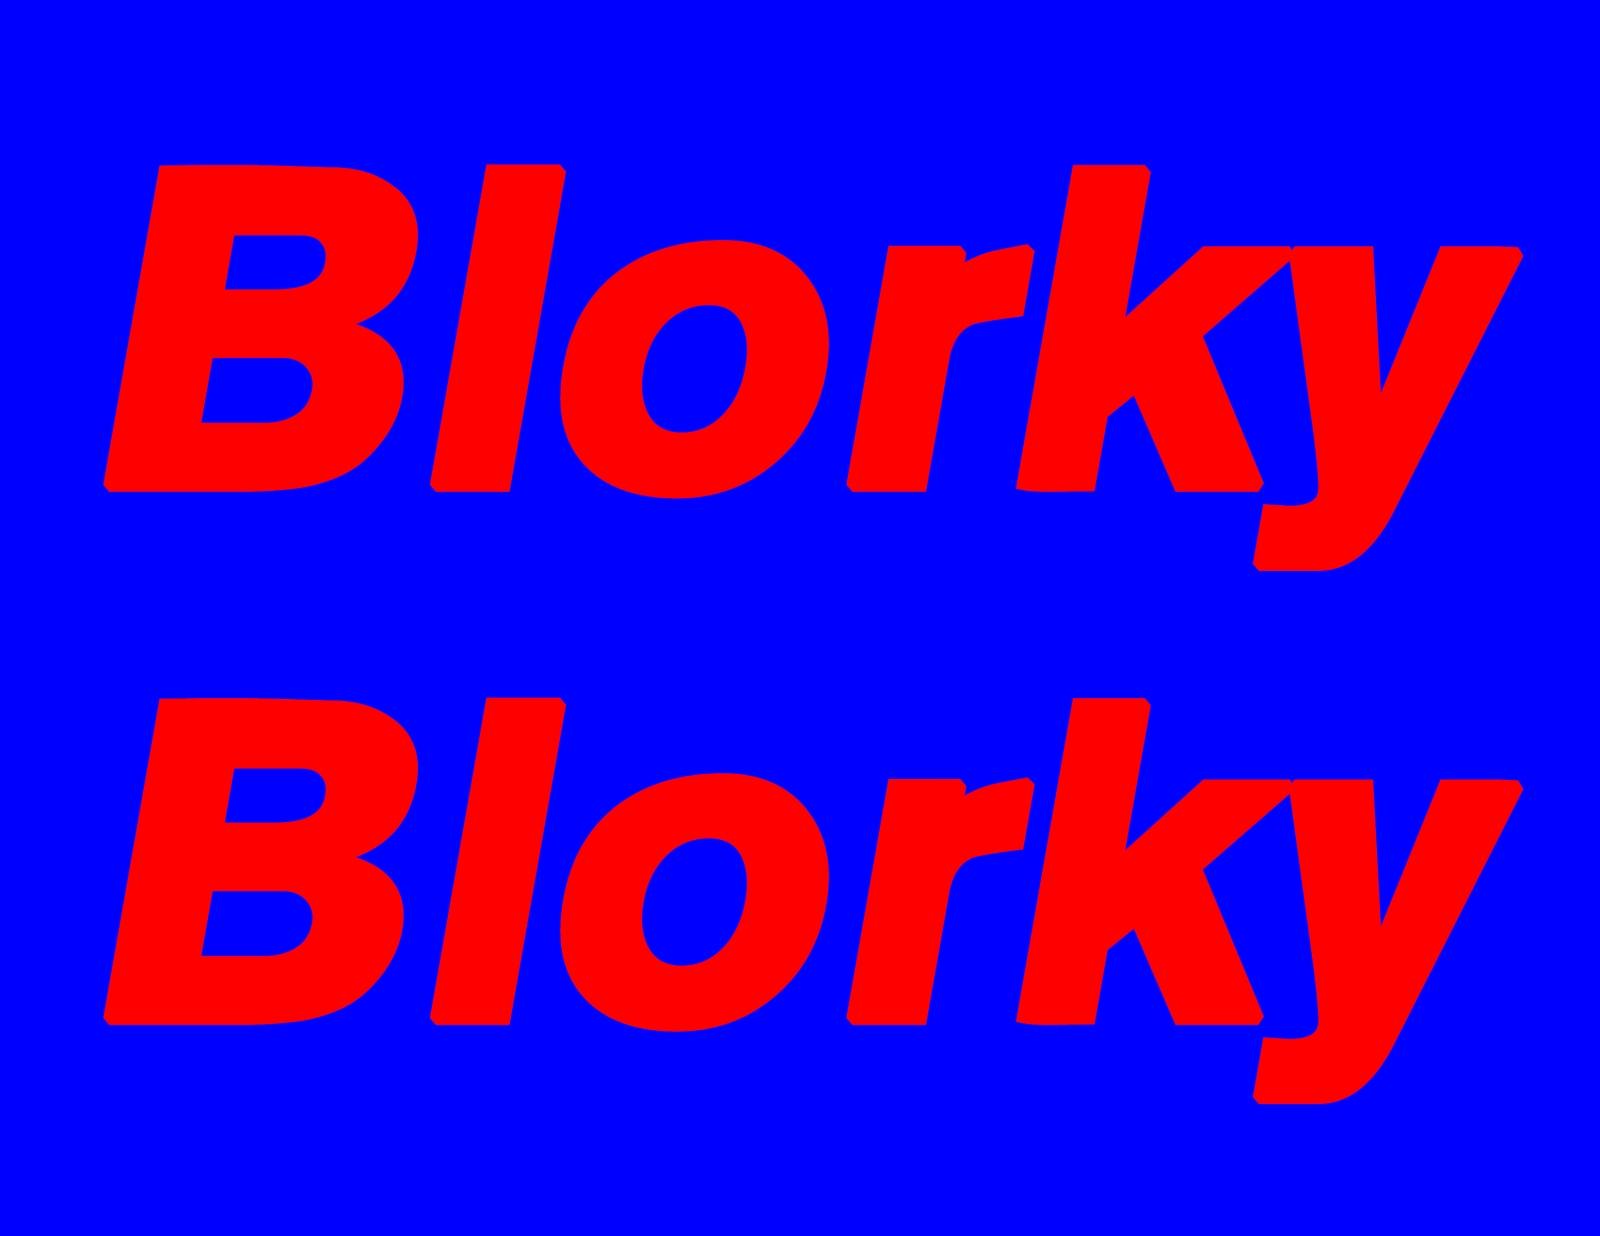 01-01 - Blorky Blorky - (2014,04,09)